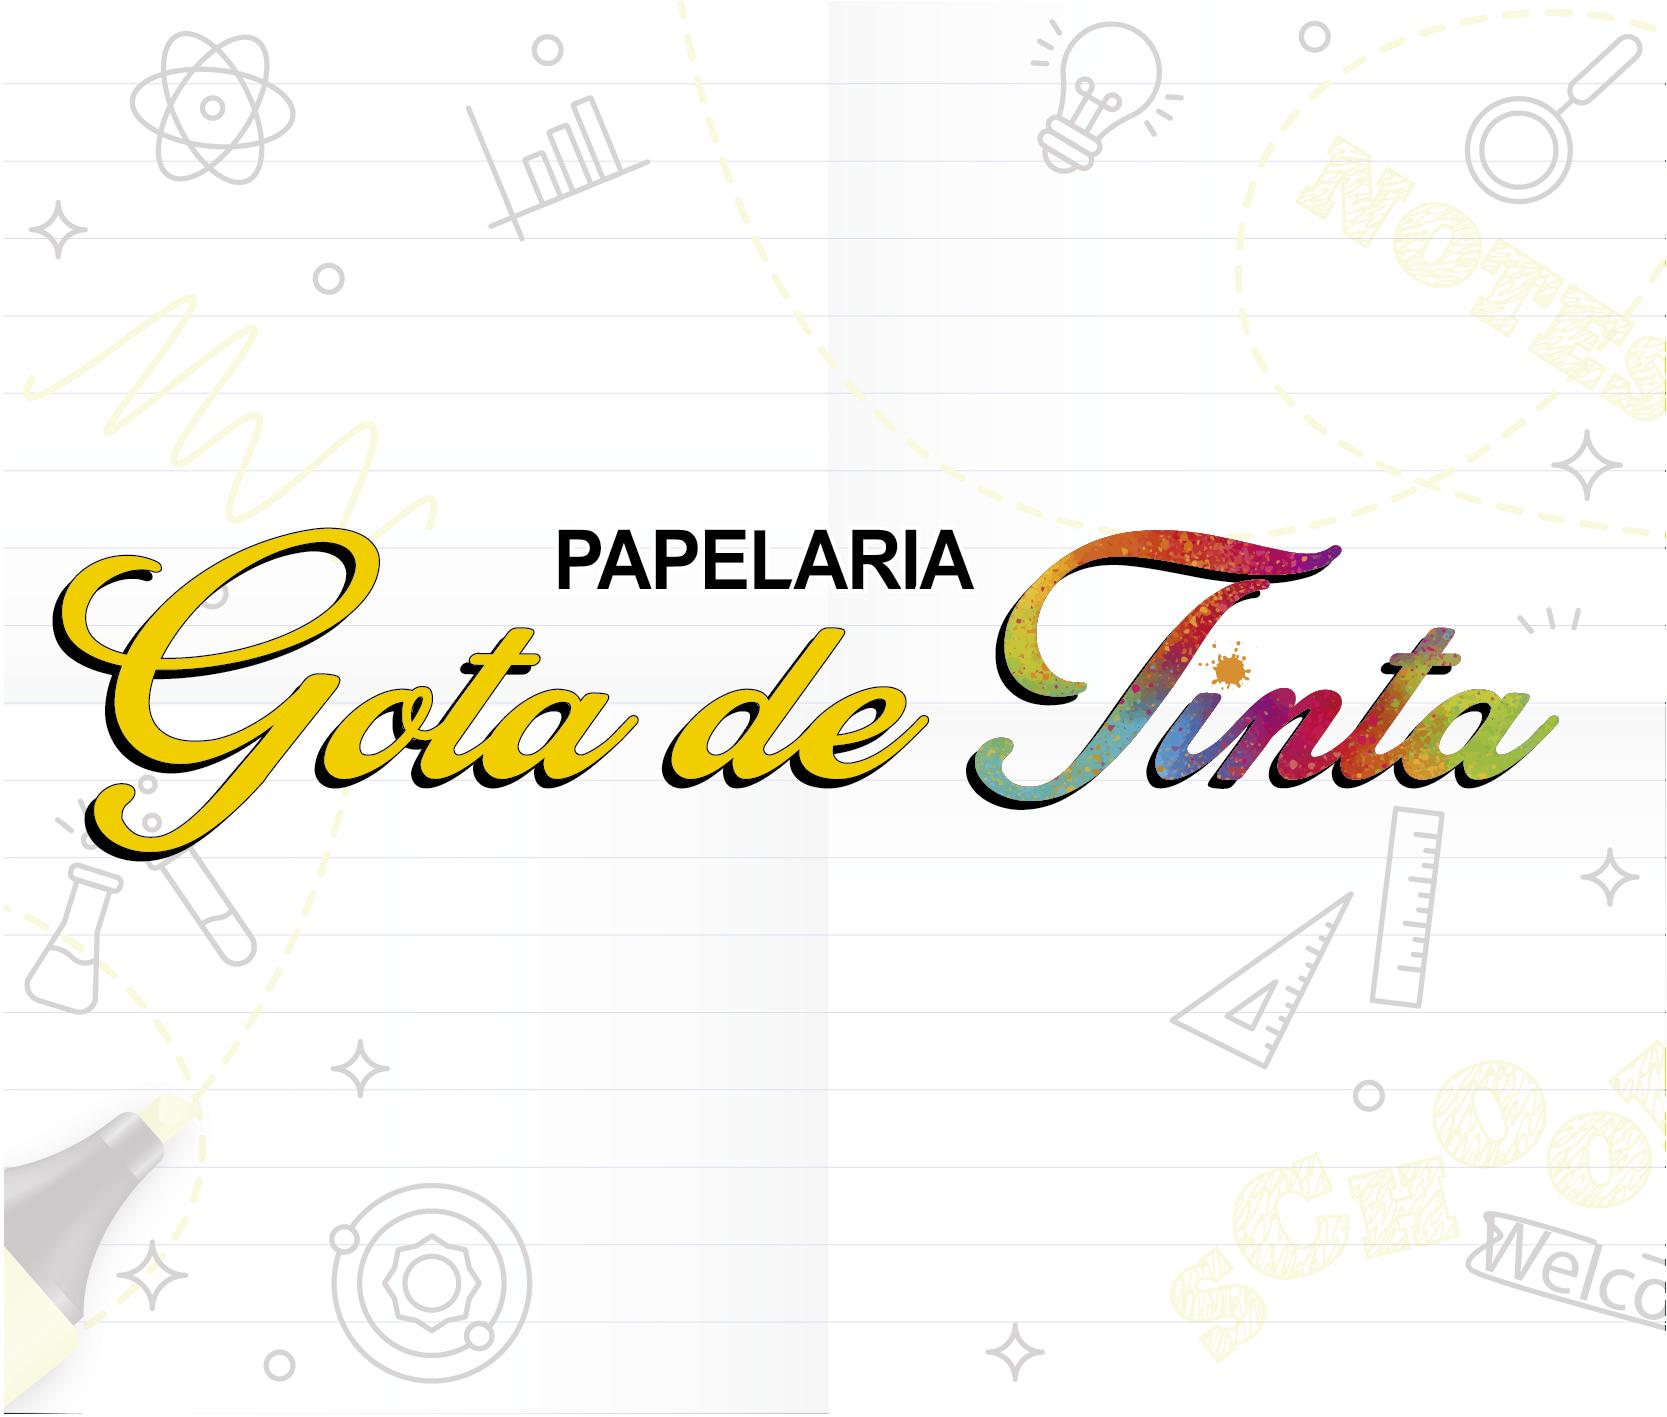 Papelaria Gota de Tinta - PEÇA PELO NOSSO DELIVERY em Bertioga